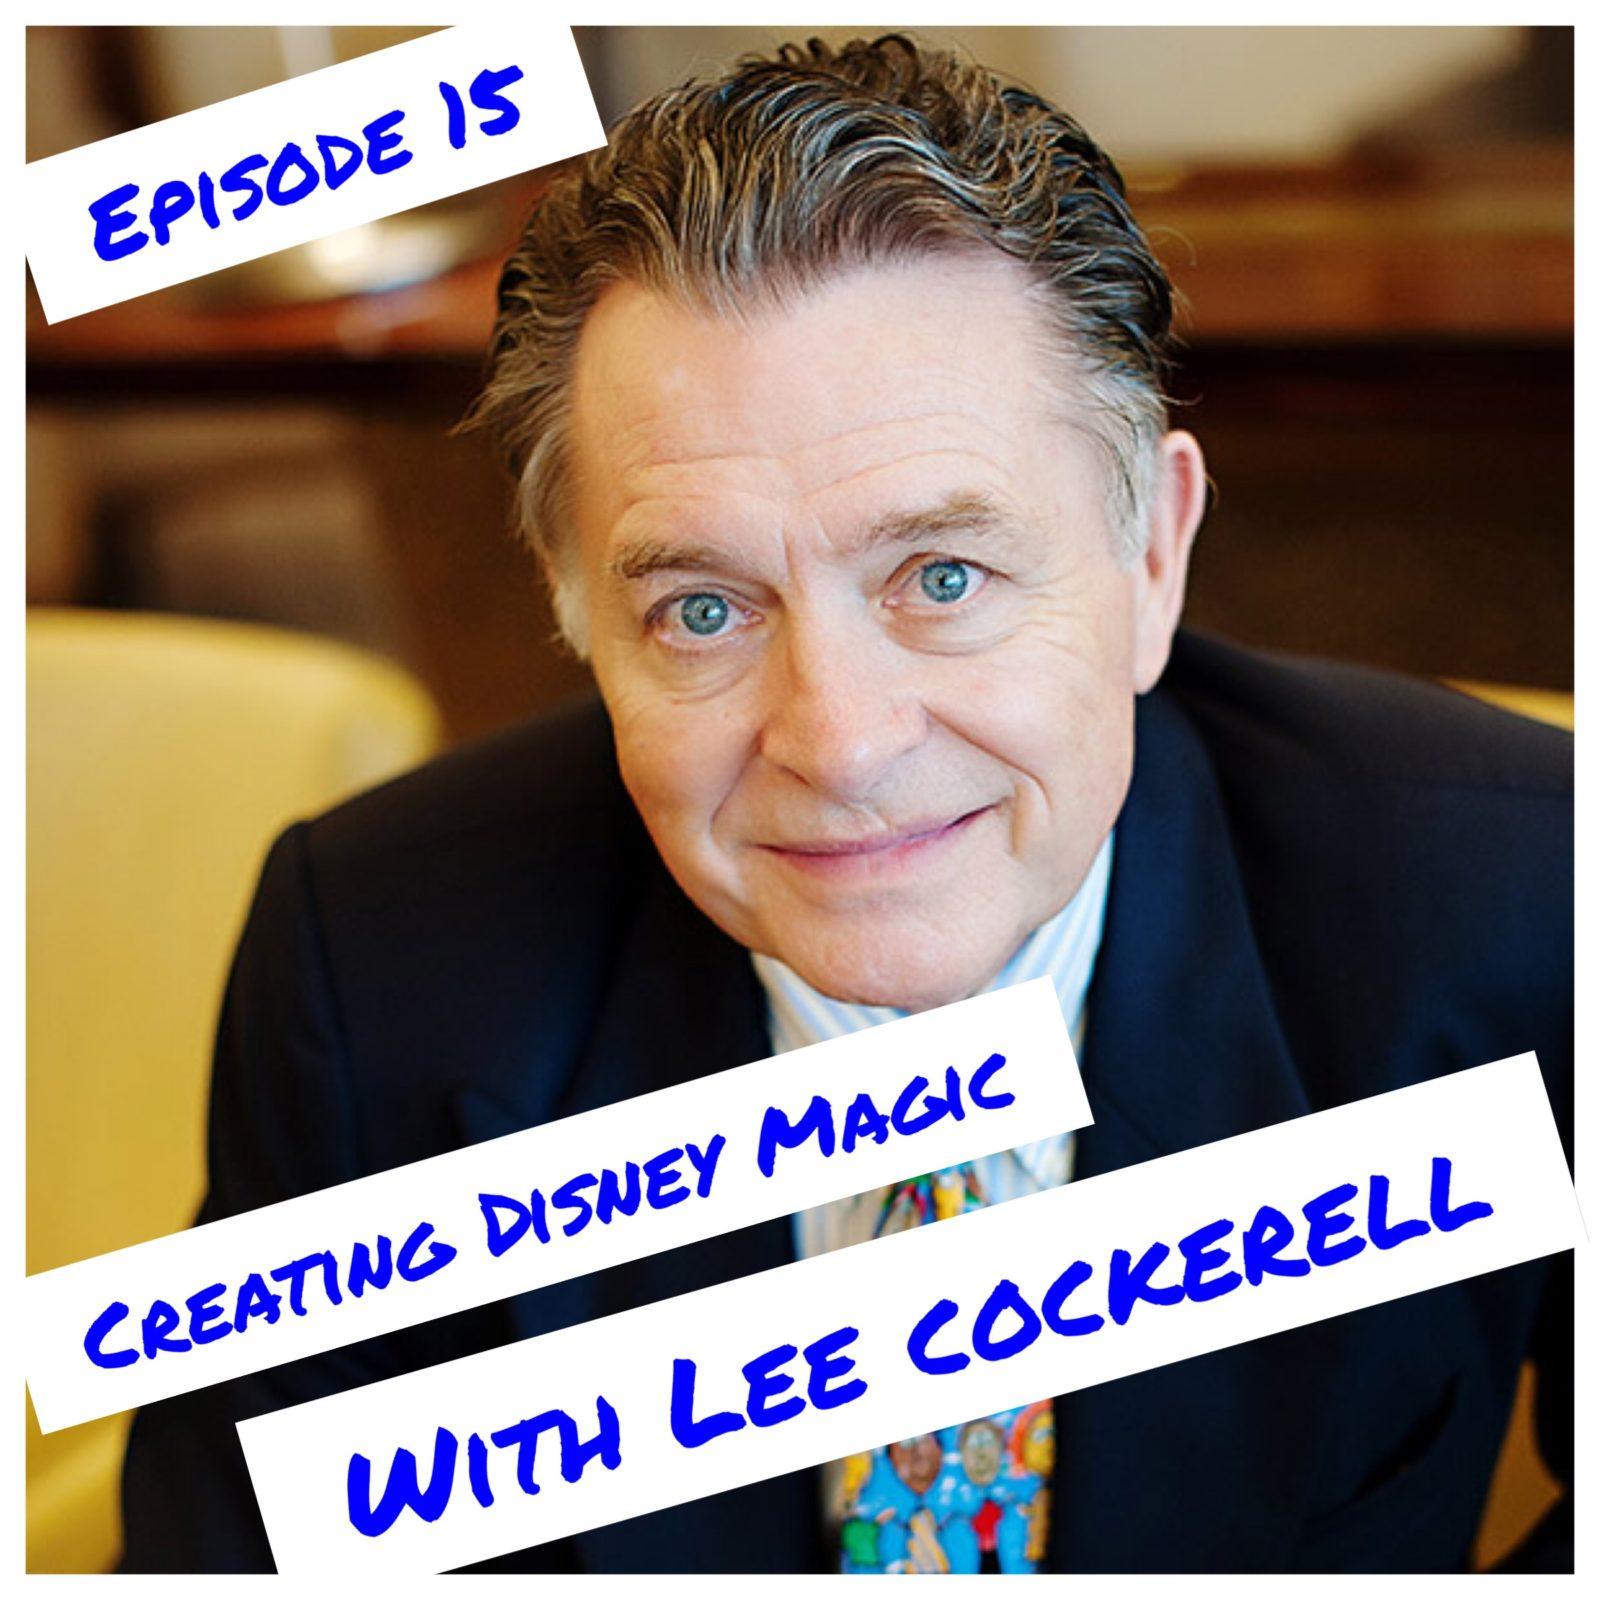 Episode 15 - Lee Cockerell